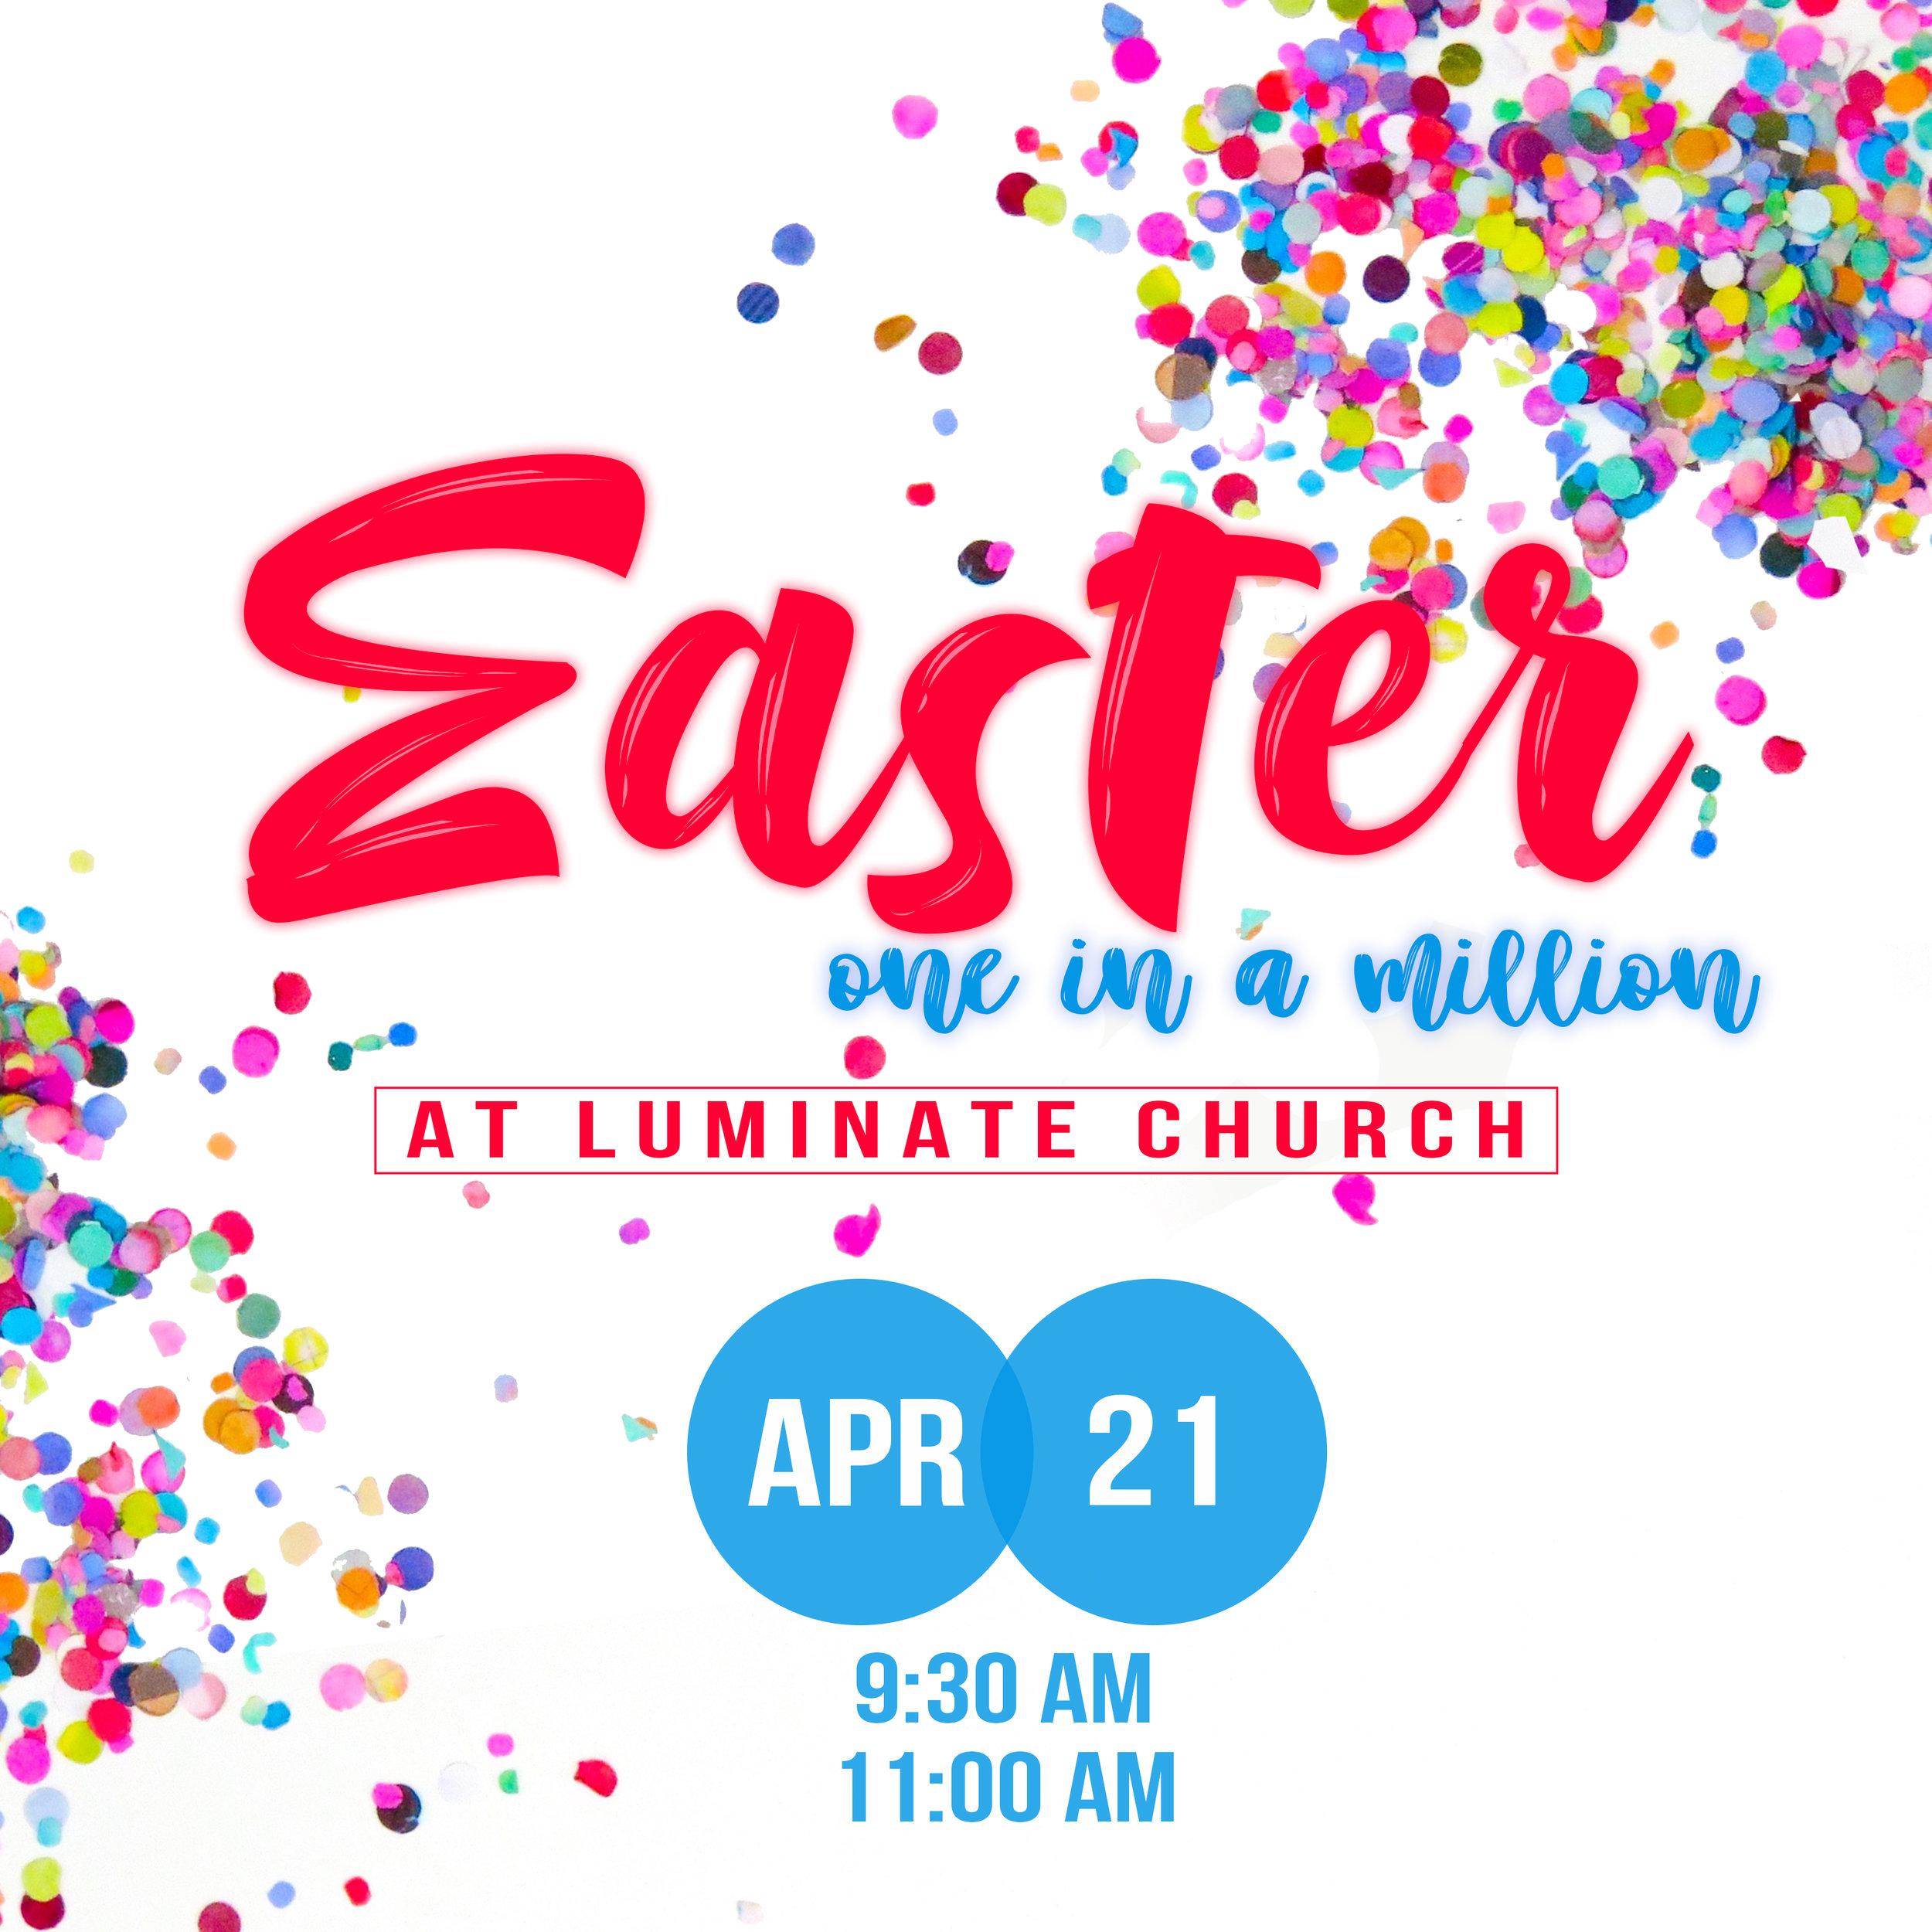 Easter Invite Card.jpg